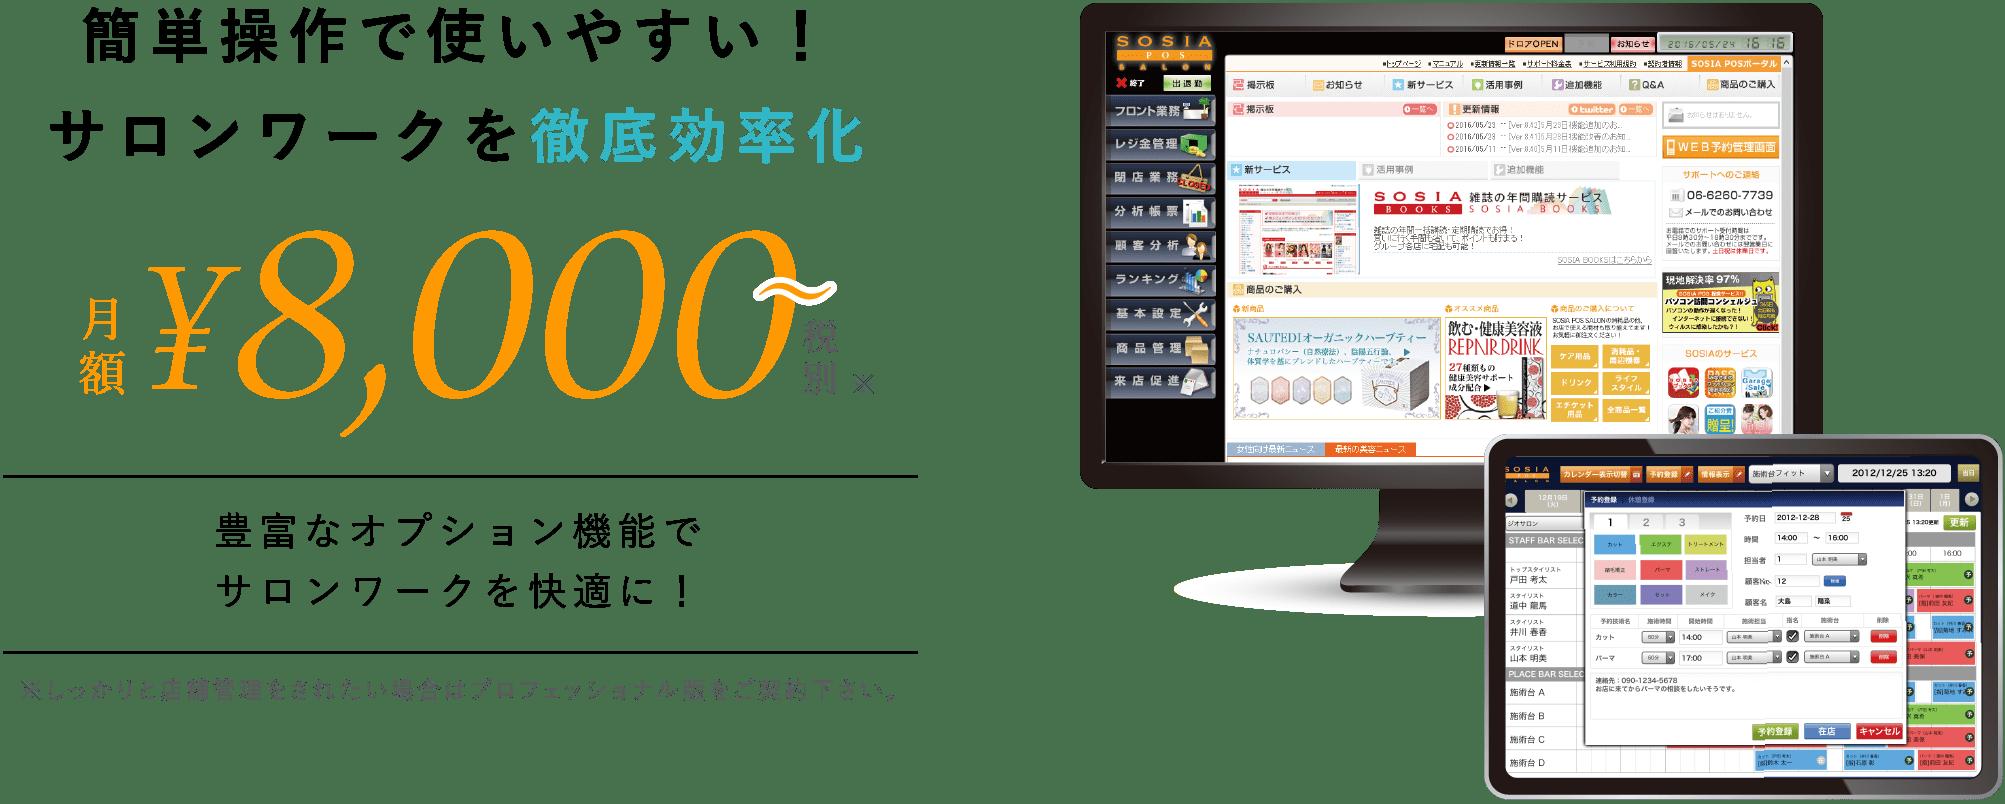 簡単操作で使いやすい!サロンワークを徹底効率化 月額¥8,000